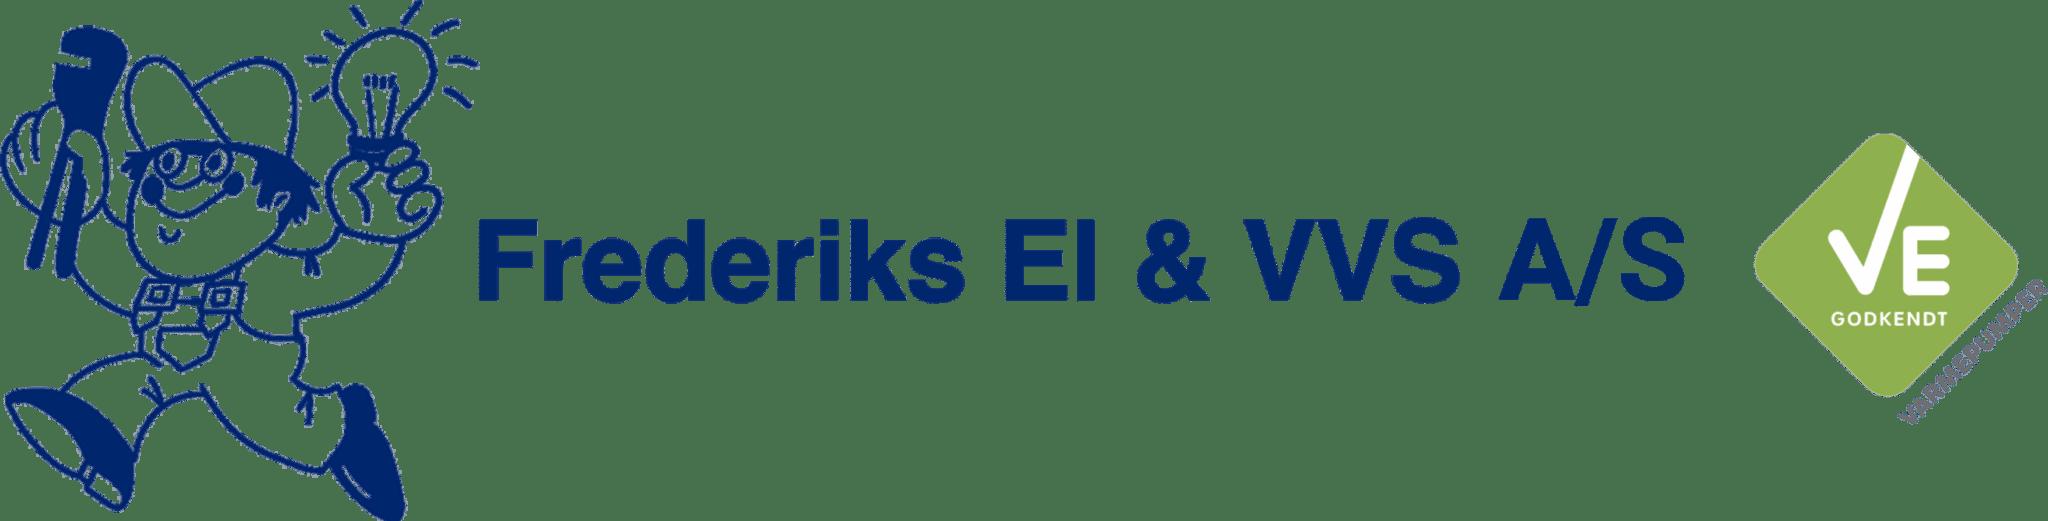 Frederiks VVS A/S